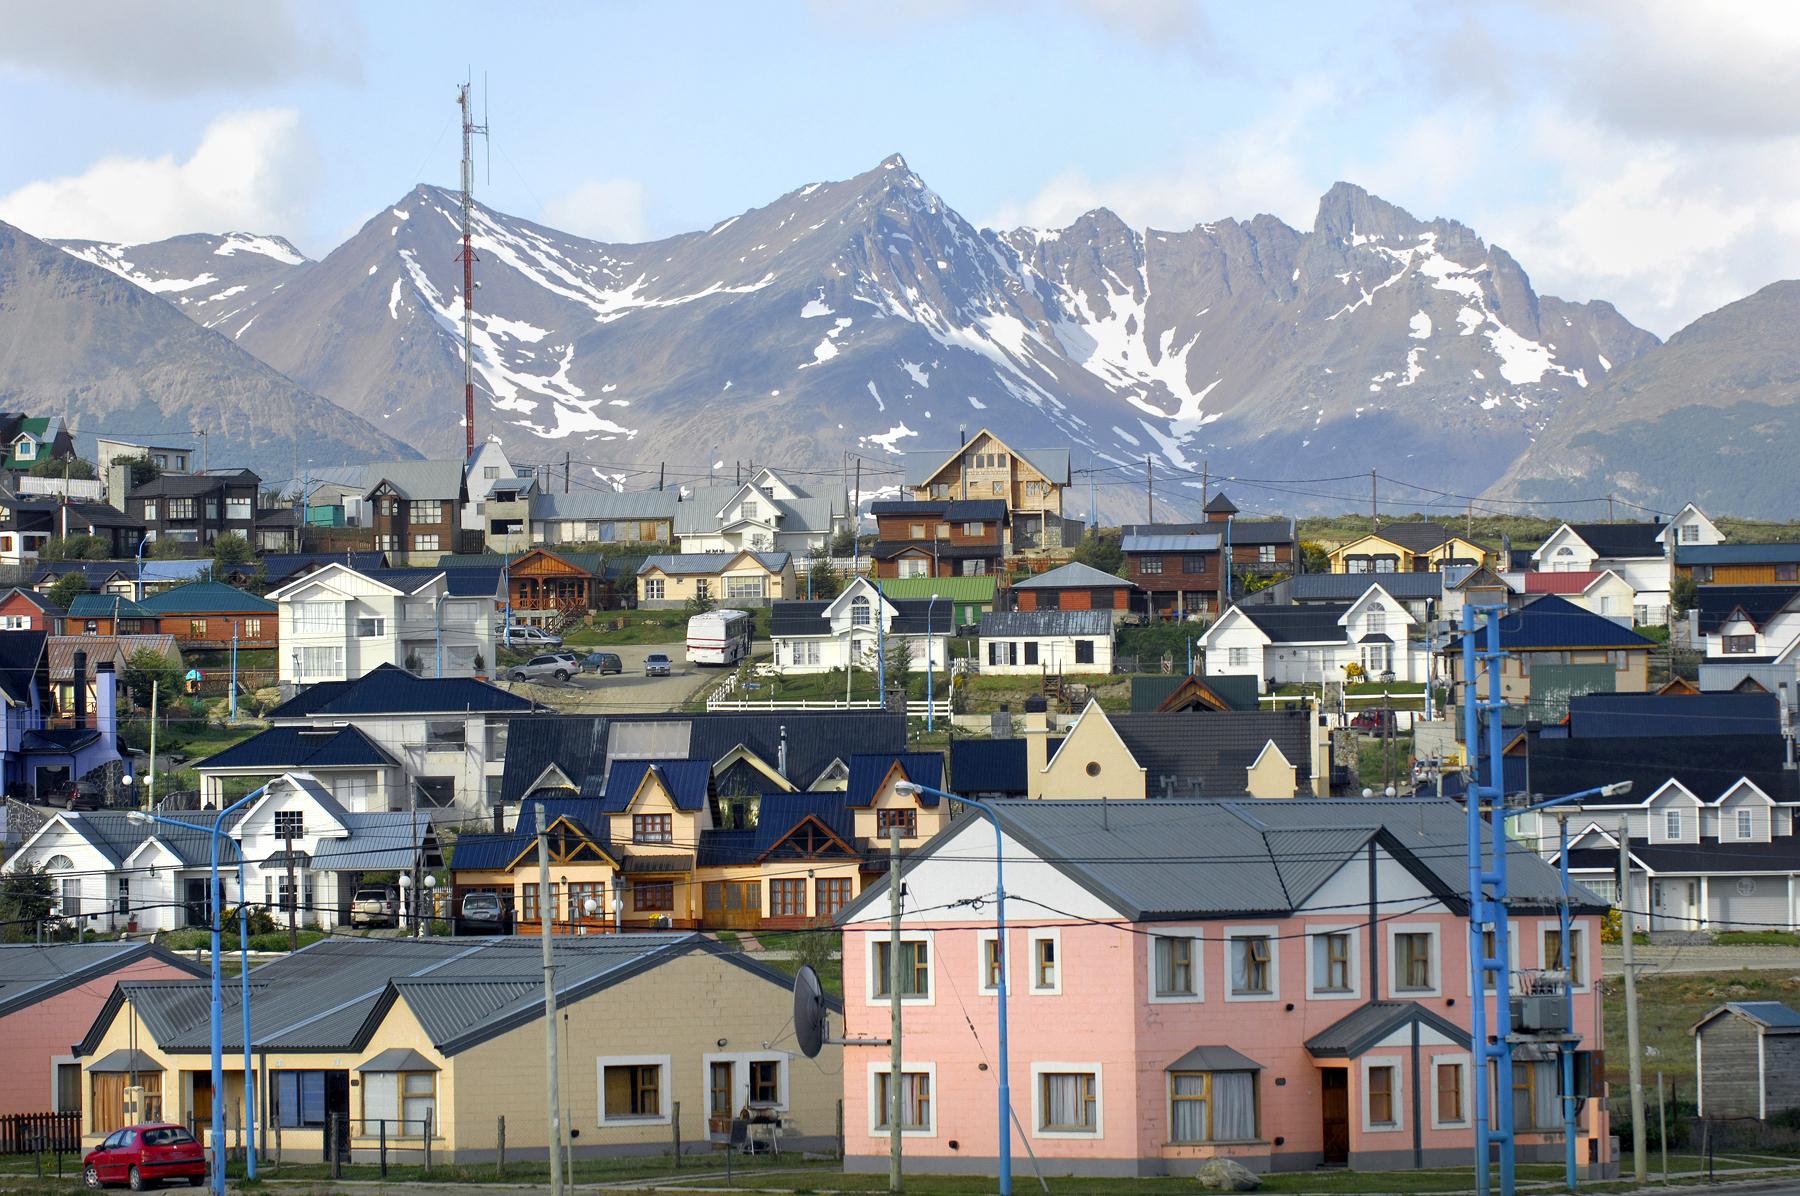 Casas coloridas da cidade de Ushuaia, na Patagônia Argentina.